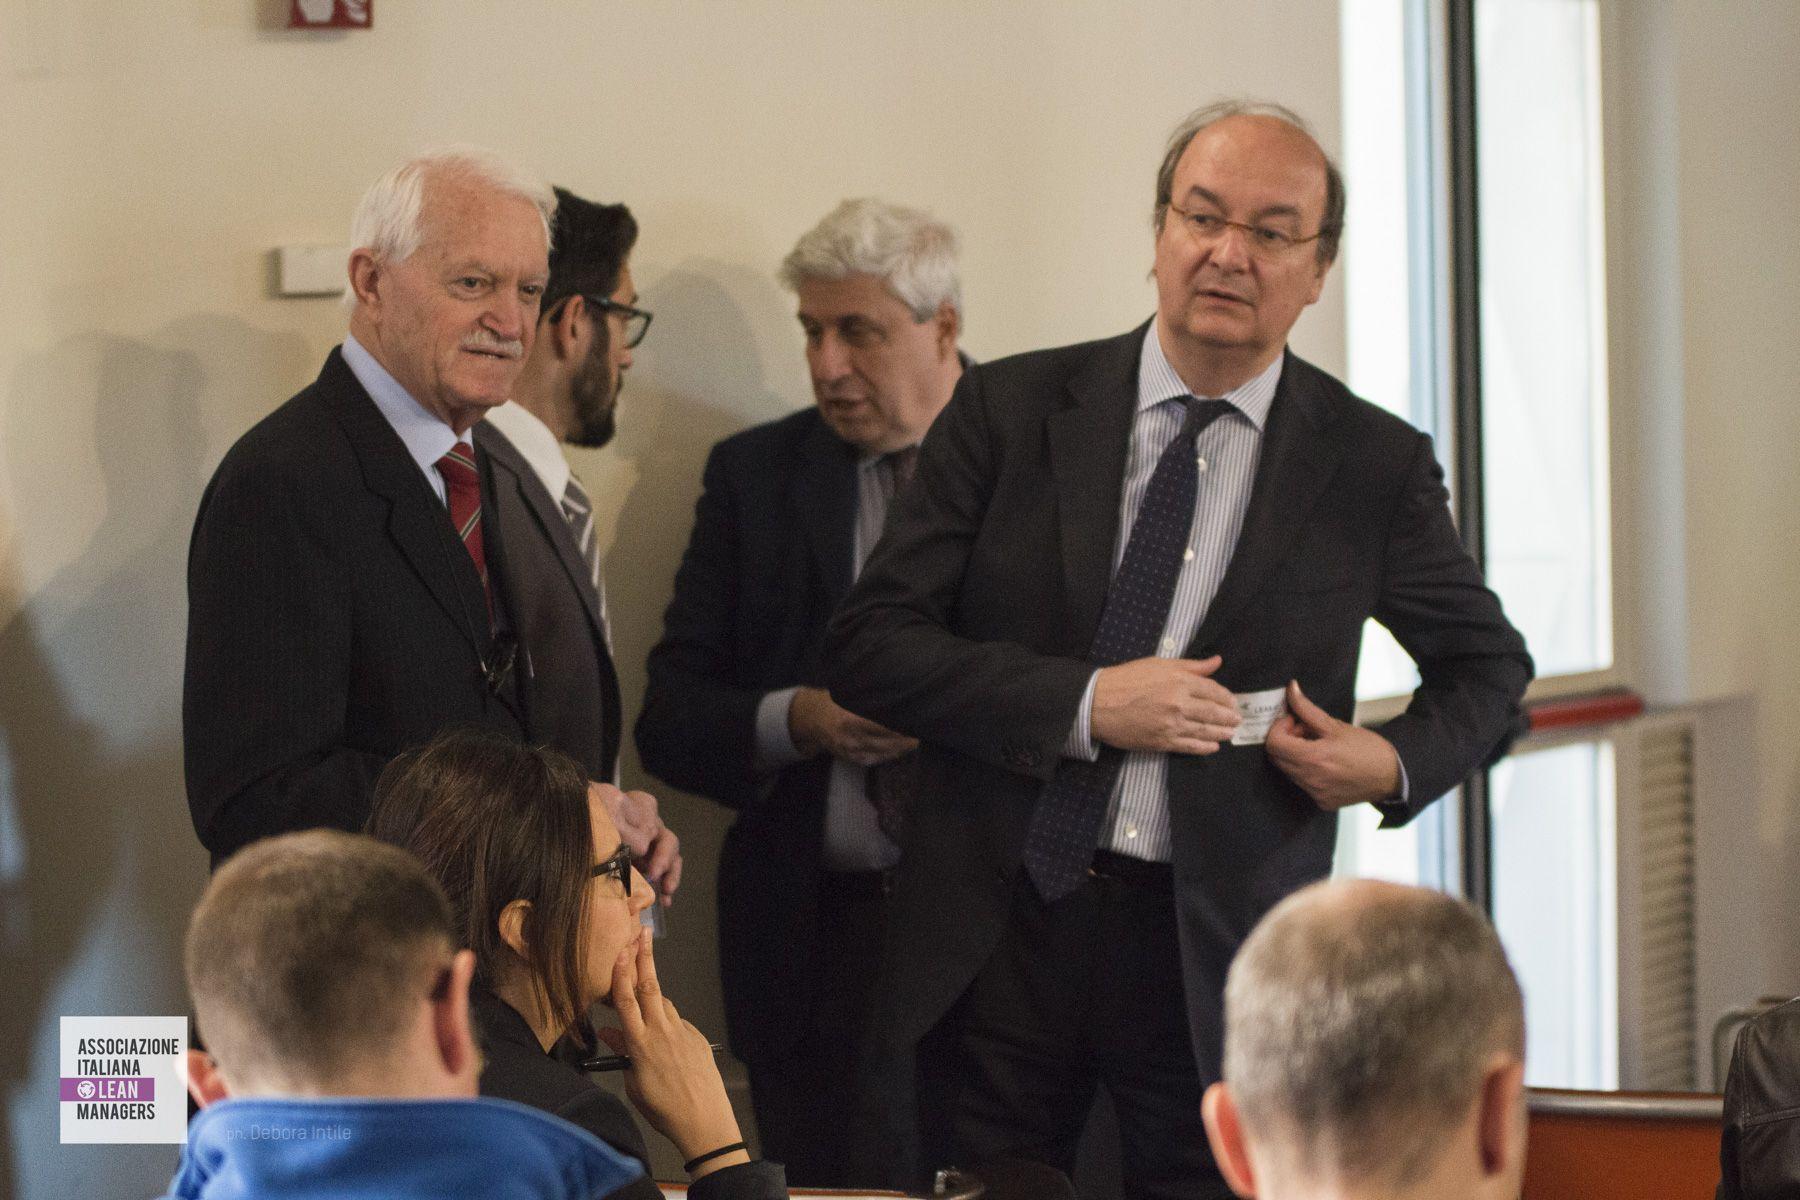 Emilio Di Cristofaro (AILM Milano); Roberto Golfetto (Ilcam spa e AILM Nord Est); Nicolò Pascale Guidotti Magnani e Marco Diotalevi (vice presidente AILM)